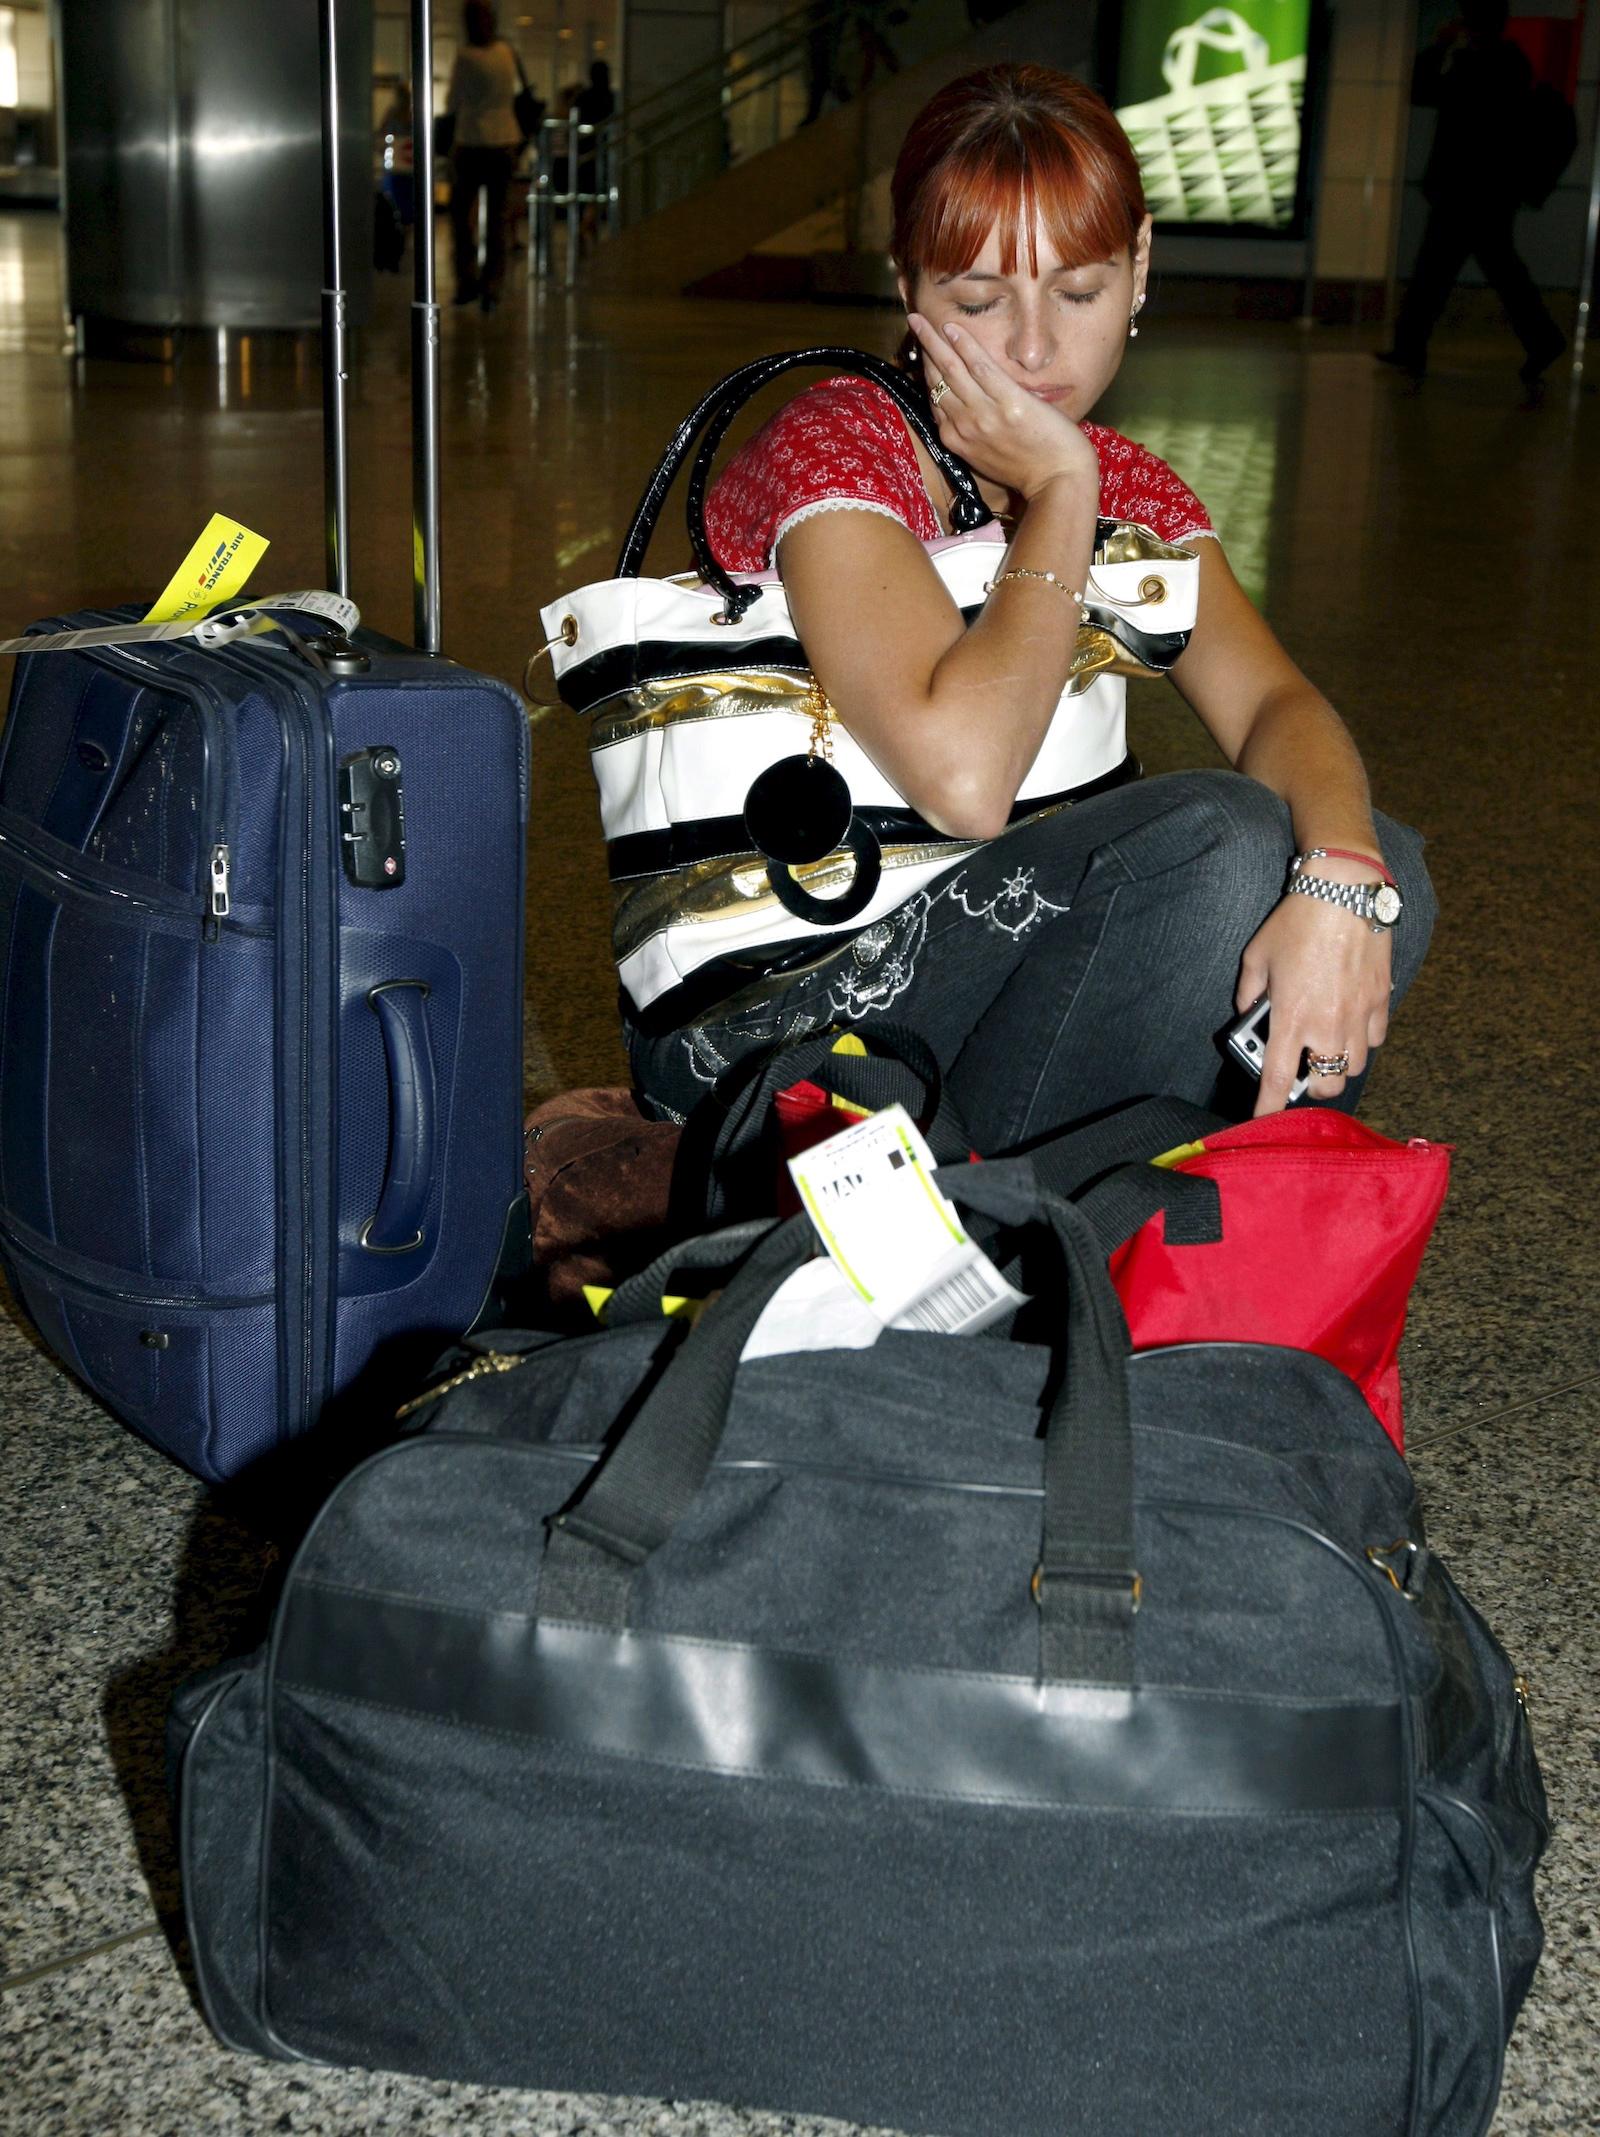 საქართველოშ მყოფი ესპანელი ტურისტები სამშობლოში ბრუნდებიან © EPA/MANUEL H. DE LEON